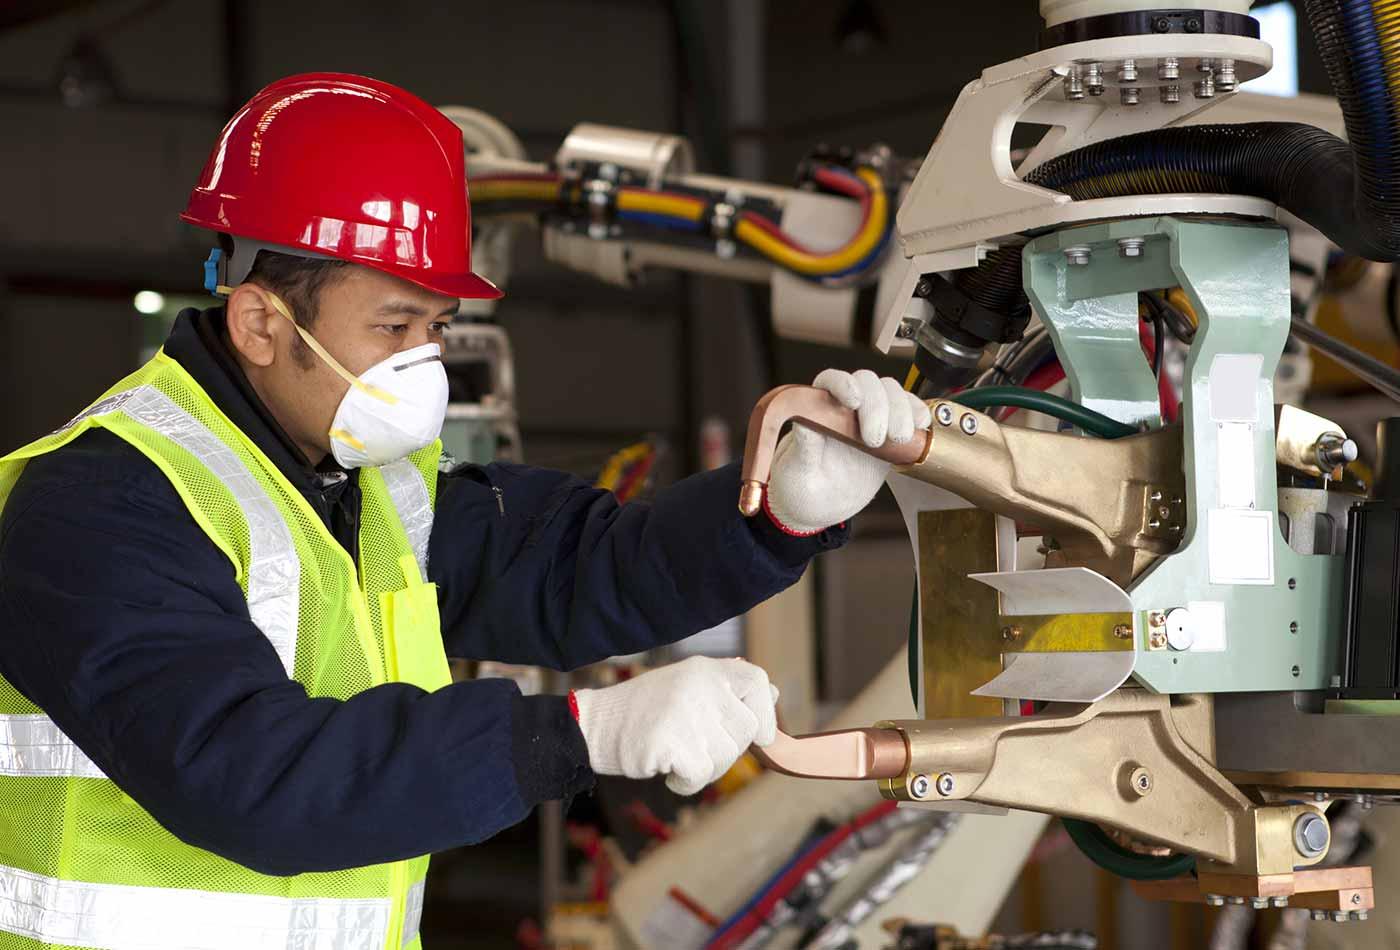 Worker examining machine